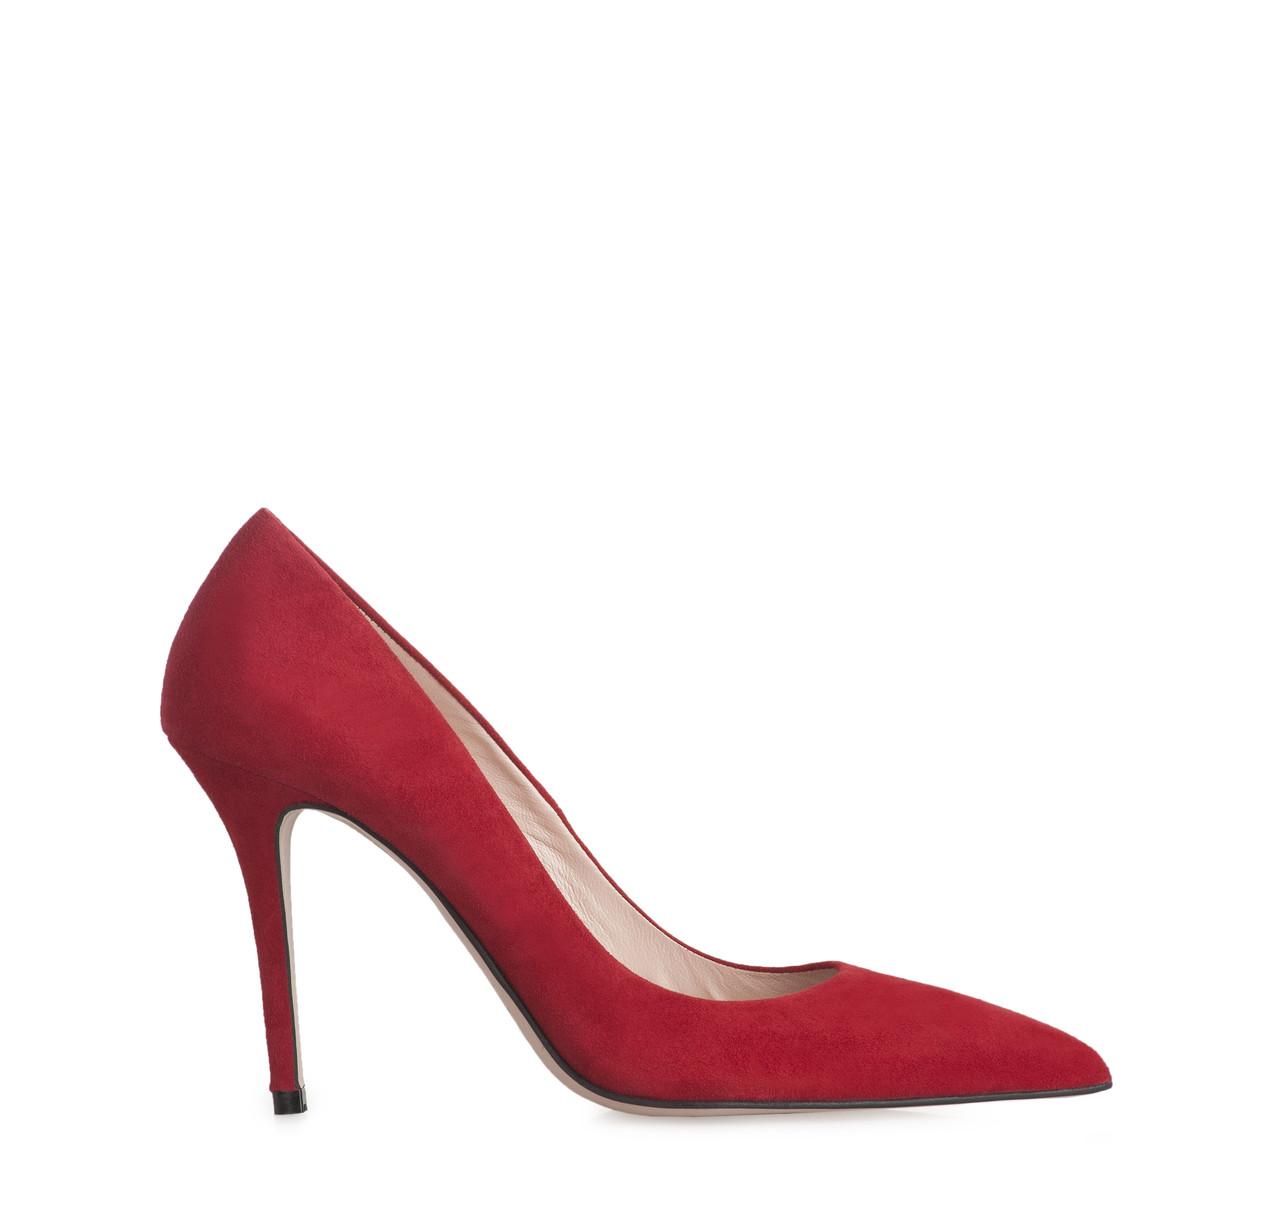 Γυναικεία   Παπούτσια   Γόβες   ΓΥΝΑΙΚΕΙΕΣ ΓΟΒΕΣ ΨΗΛΟΤΑΚΟΥΝΕΣ MOURTZI  (LIPSTICK RED) 10 100400 C - GoldenShopping.gr 2078c69181b